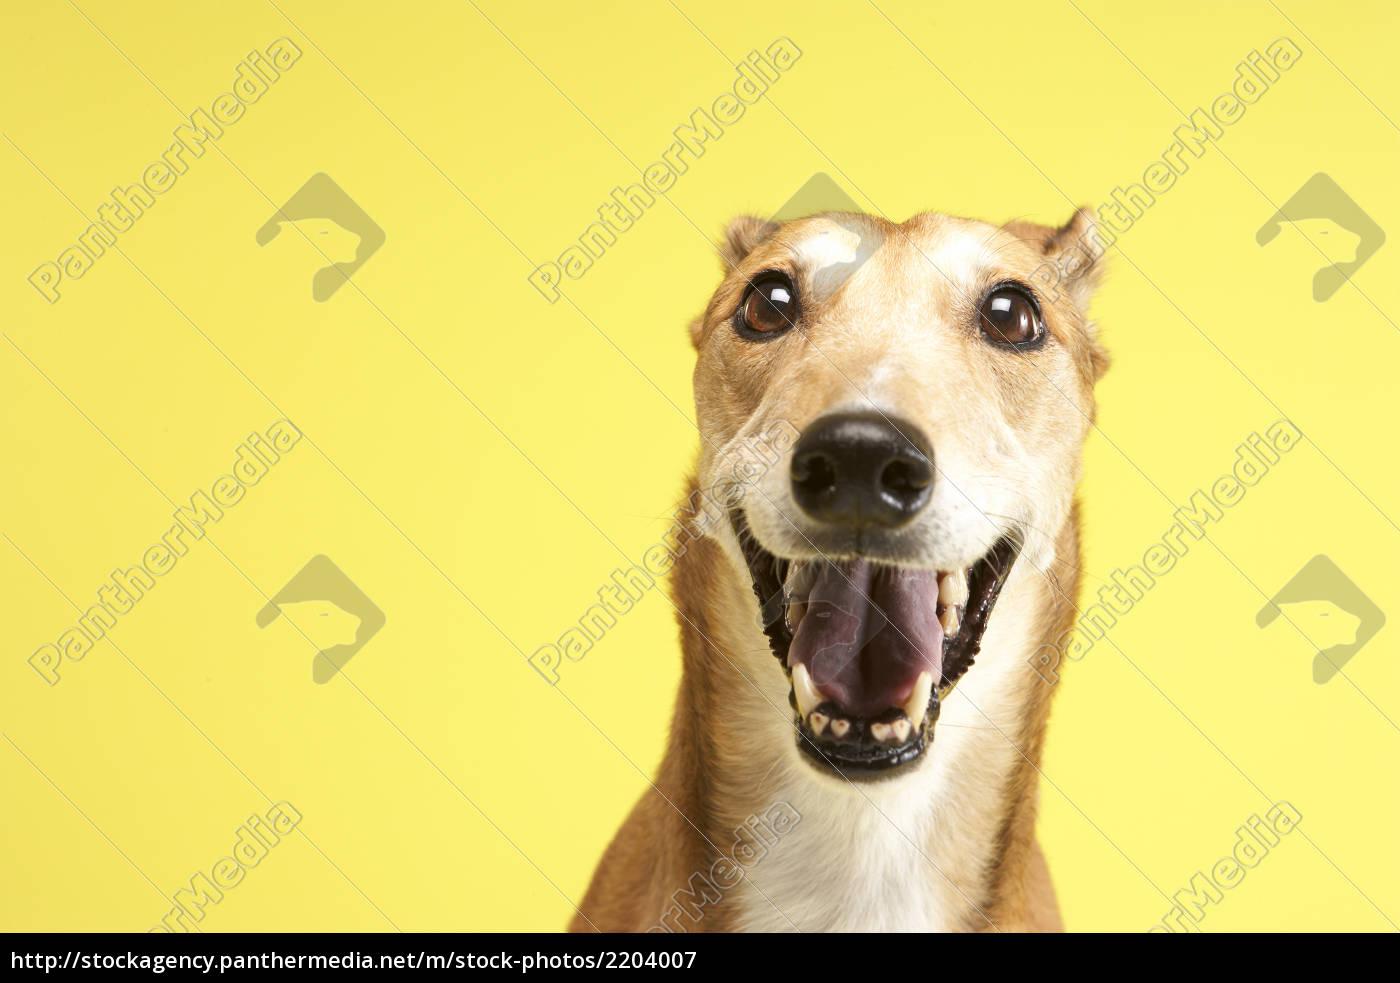 portrait, of, pet, greyhound - 2204007